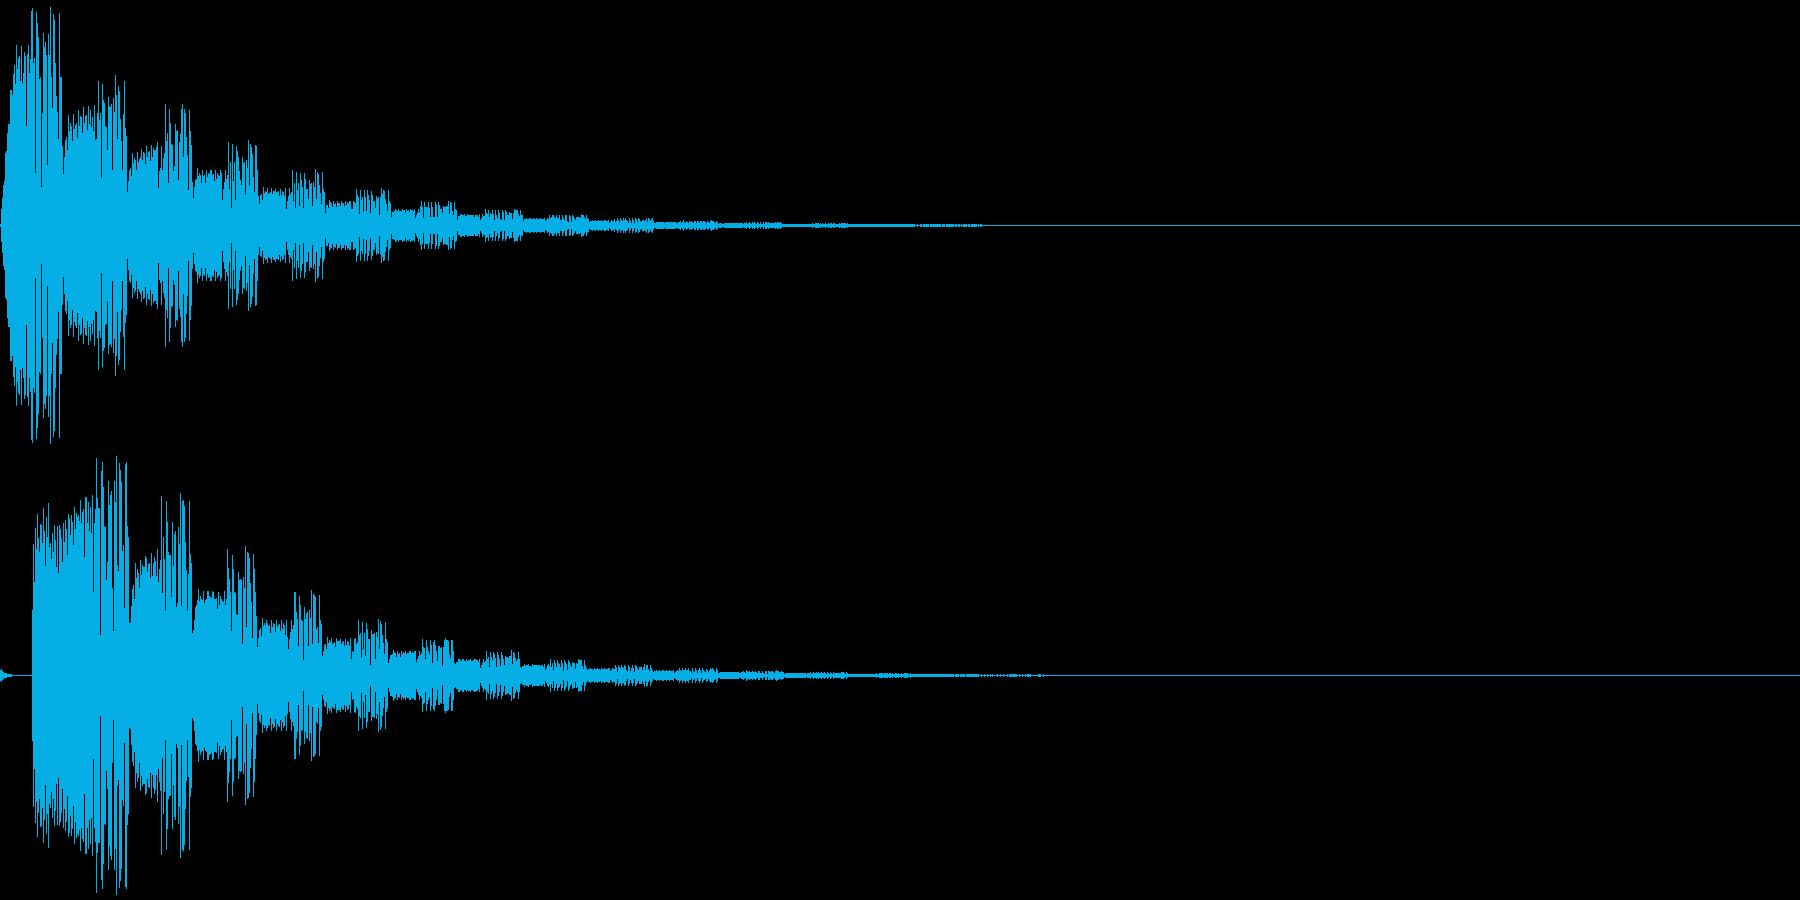 グワヮヮヮヮヮ(電子音)の再生済みの波形